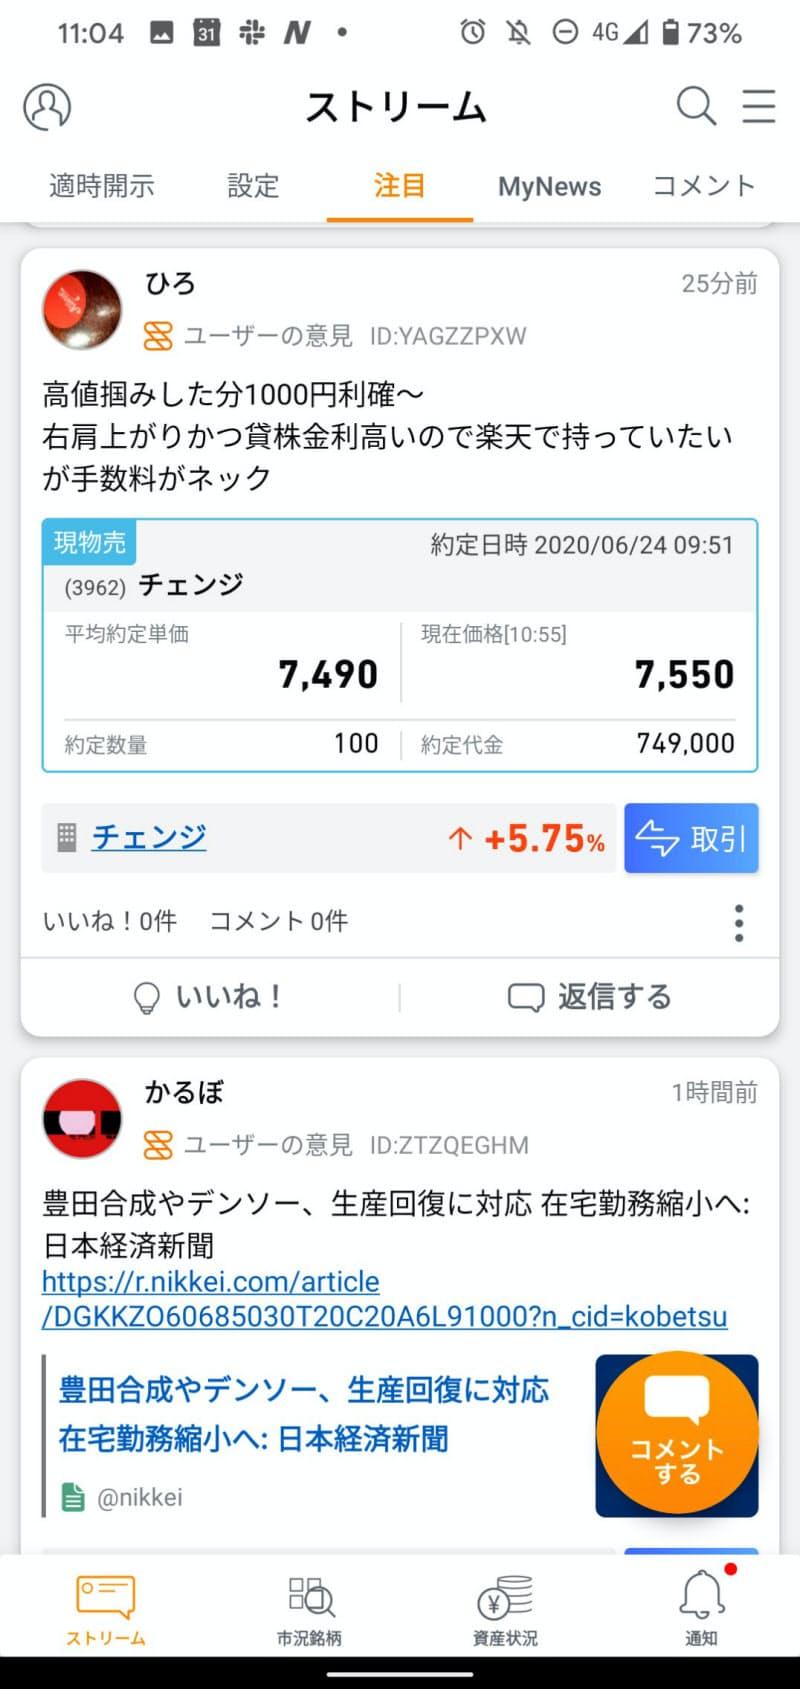 株価 掲示板 航空 日本